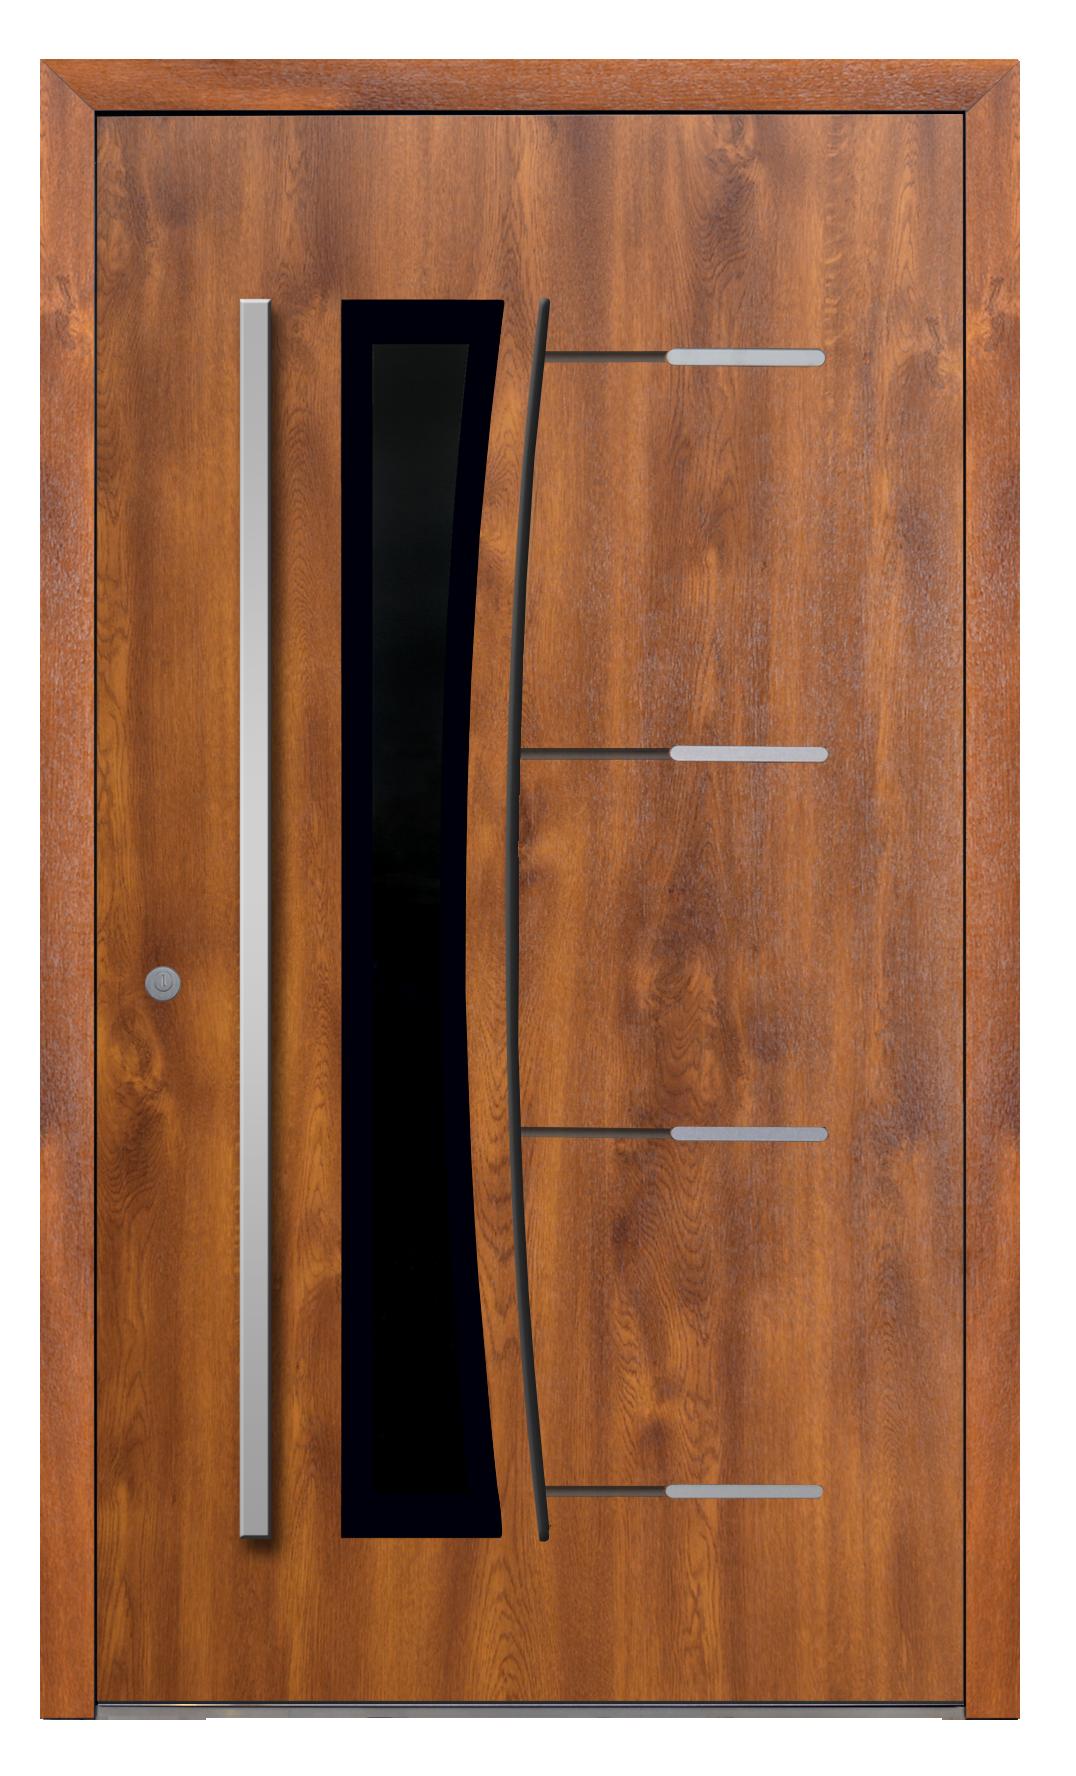 drzwi wejściowe na wymiar, aluminiowe- AL (16), okleina, zawiasy rolkowe, pochwyt do wyboru